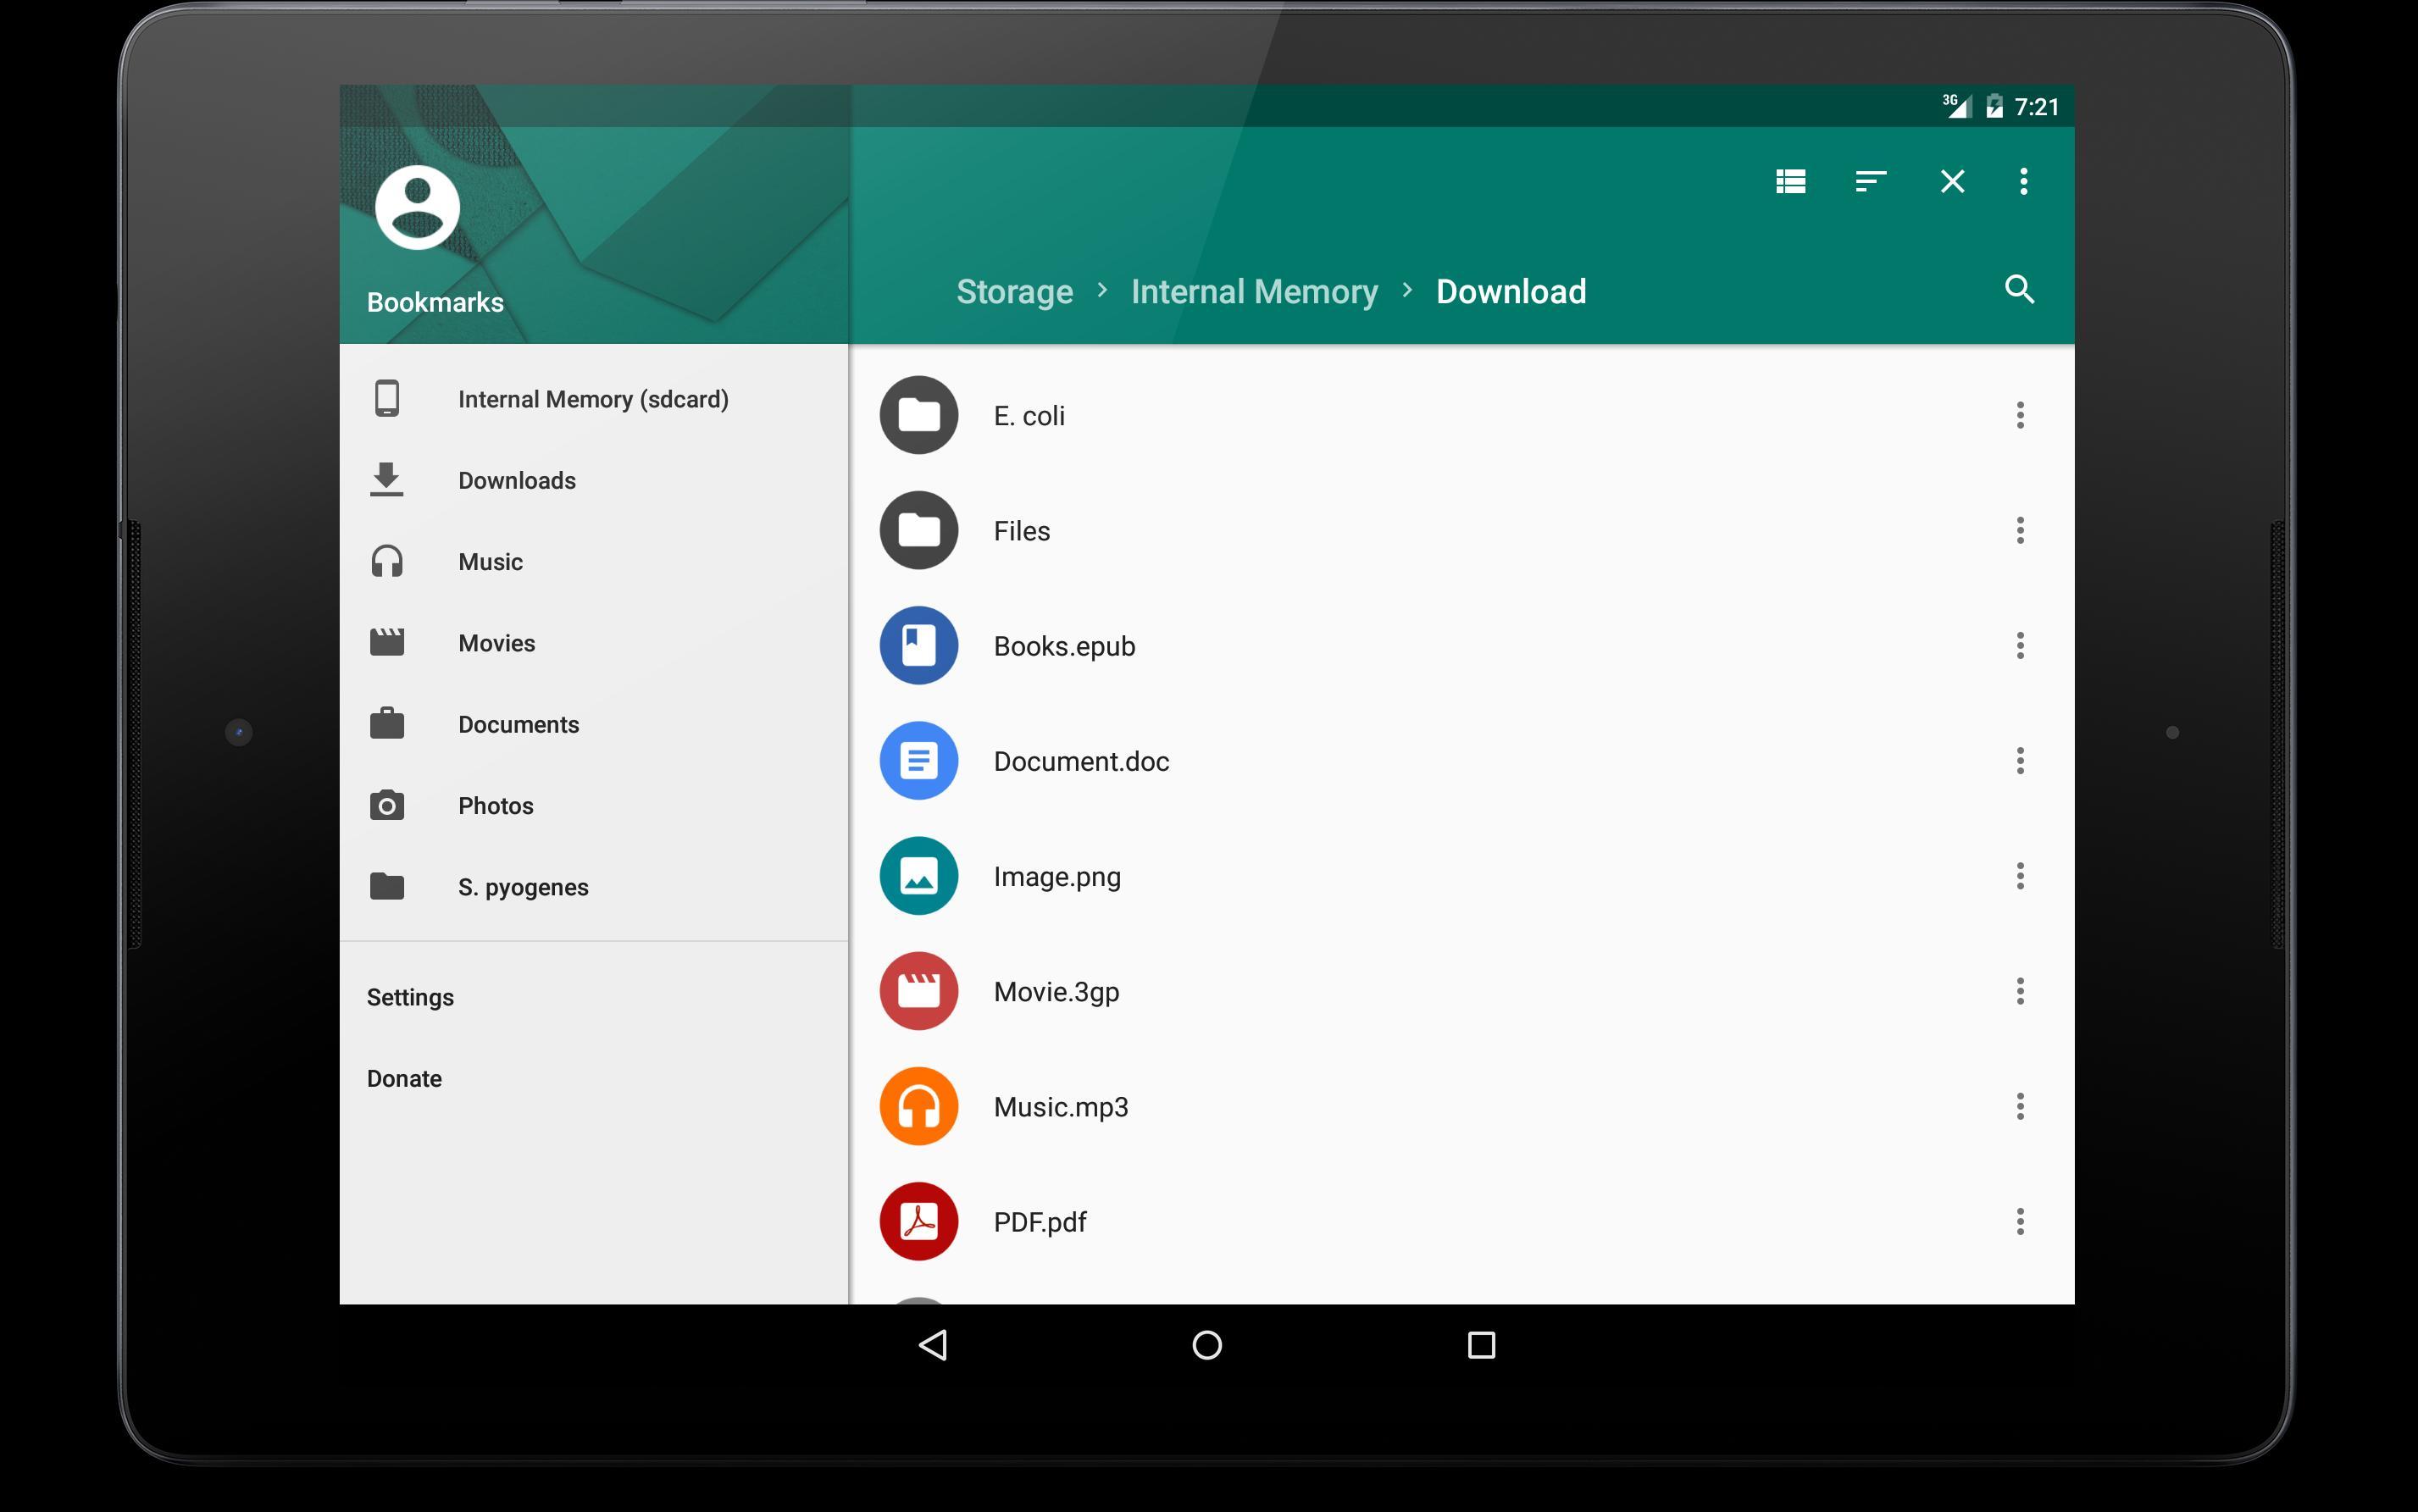 Instal aplikasi MK Explorer (File manager)